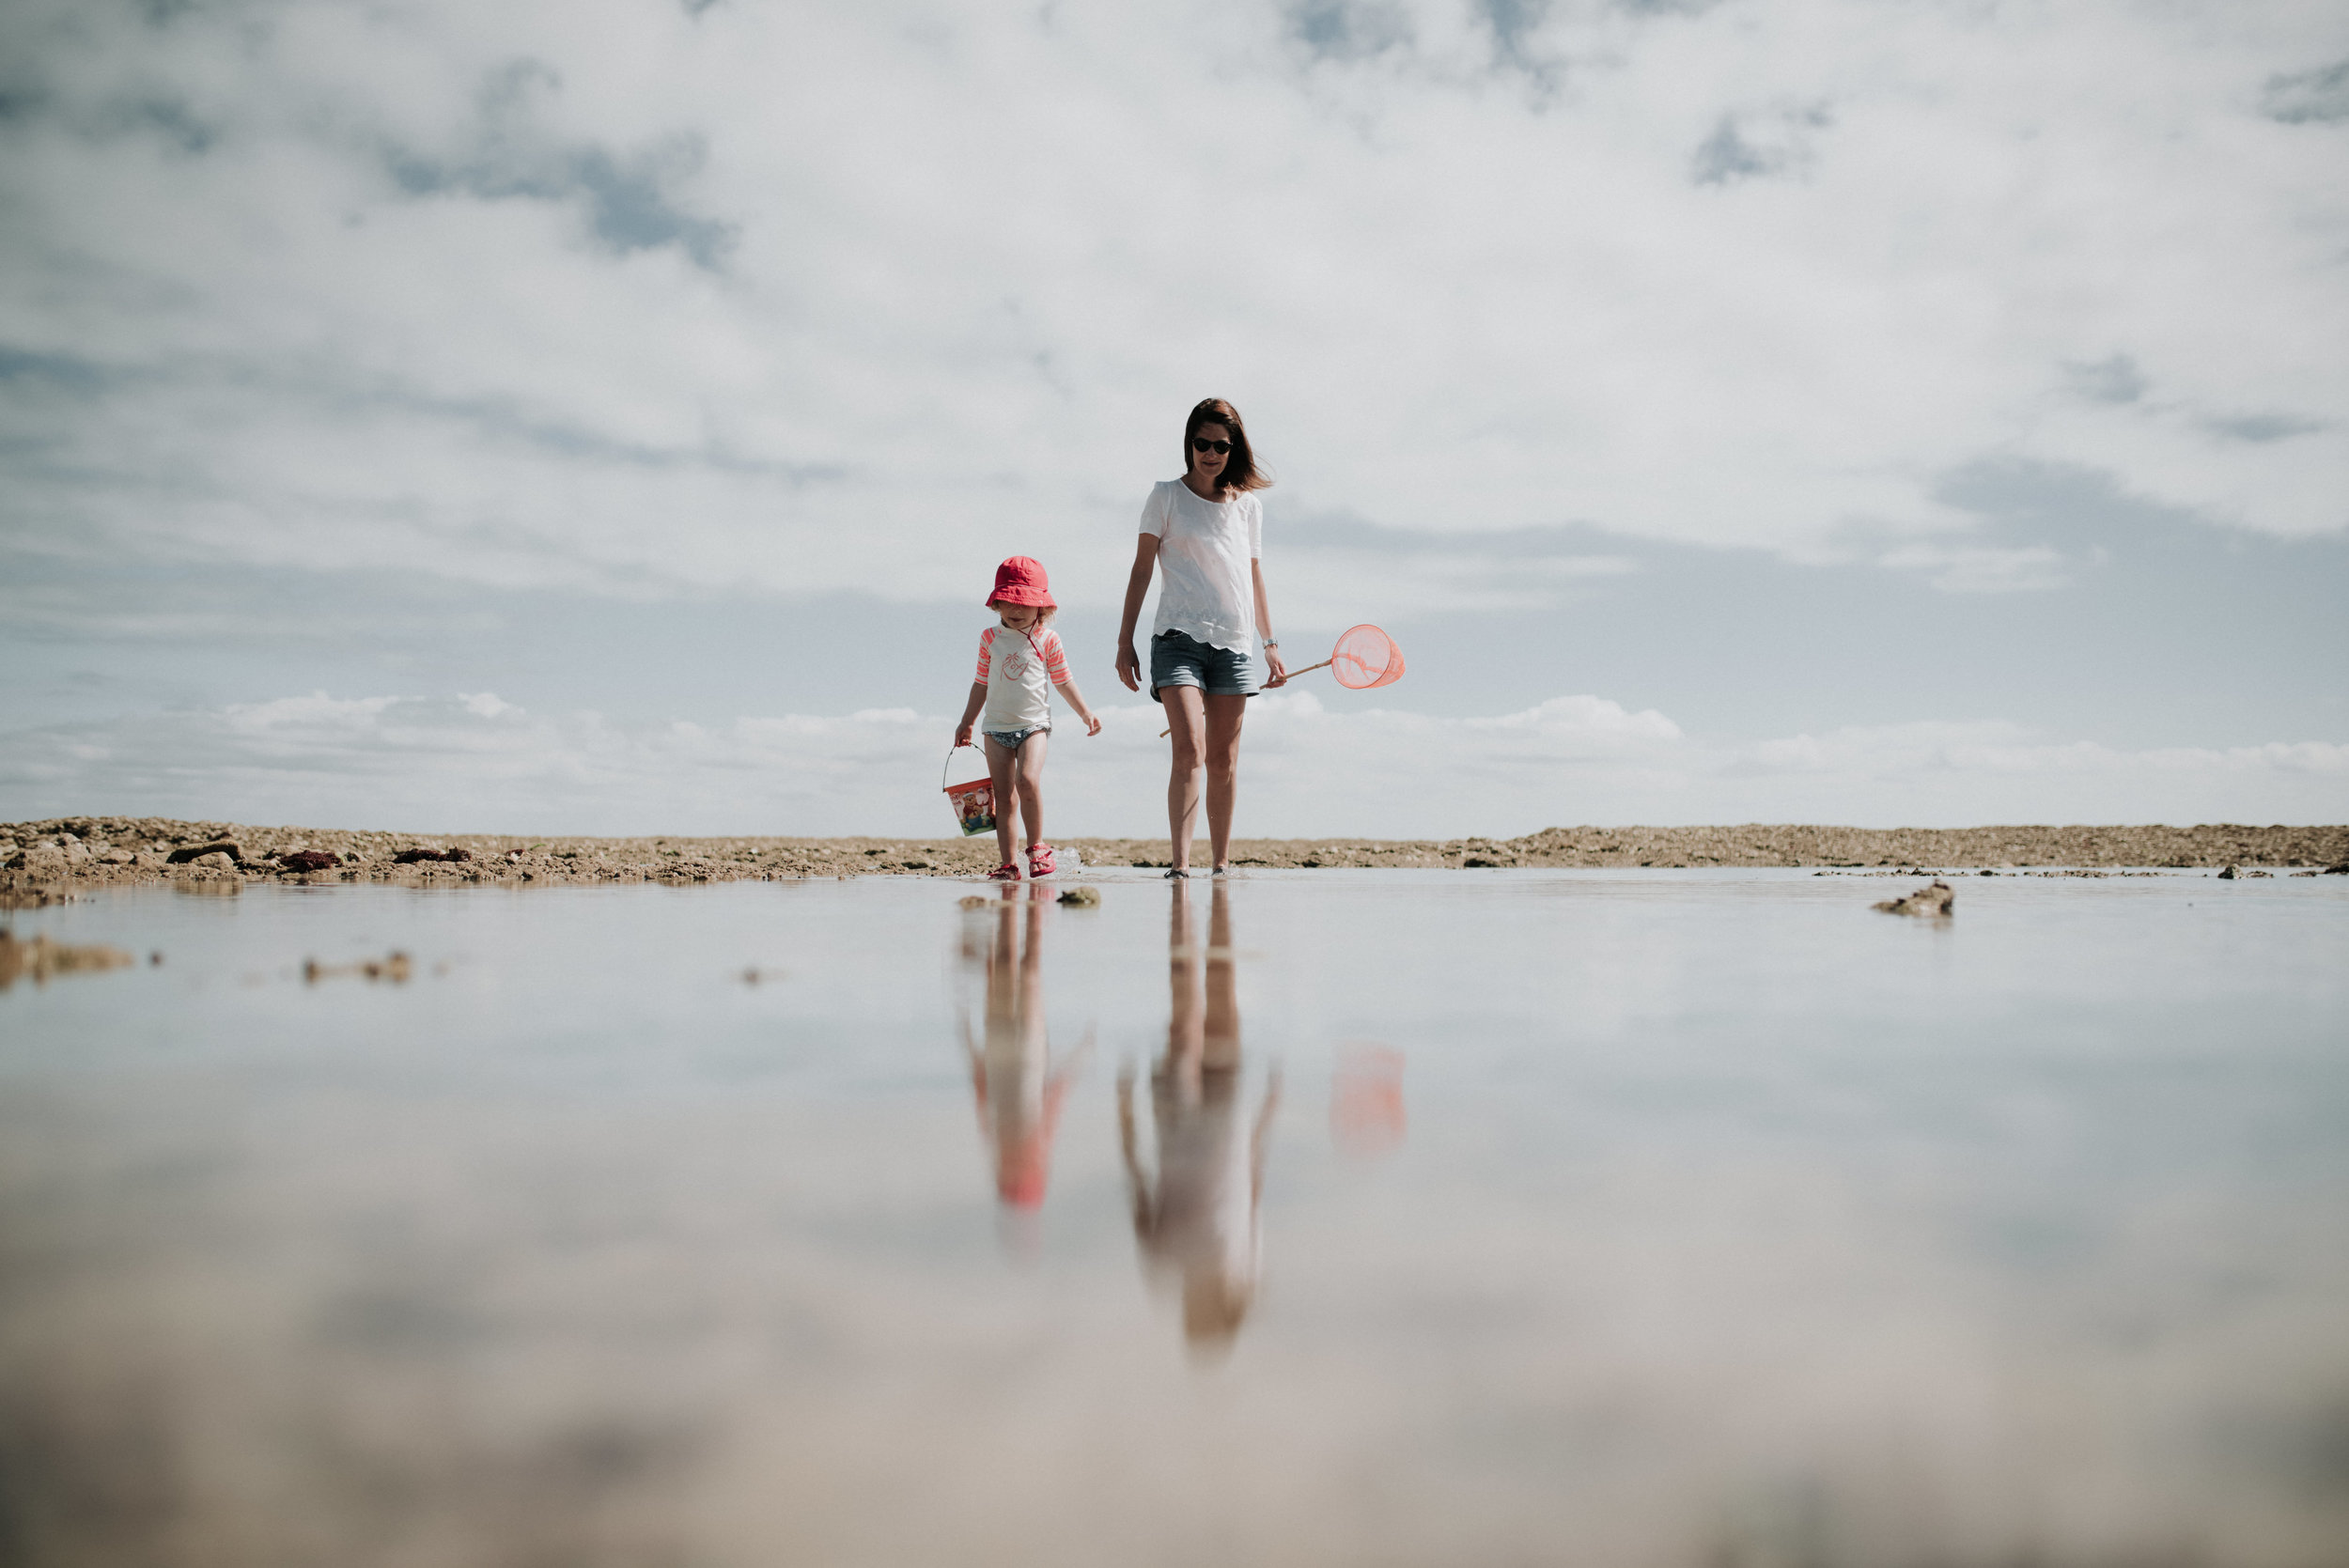 Léa-Fery-photographe-professionnel-lyon-rhone-alpes-portrait-creation-mariage-evenement-evenementiel-famille-2793.jpg